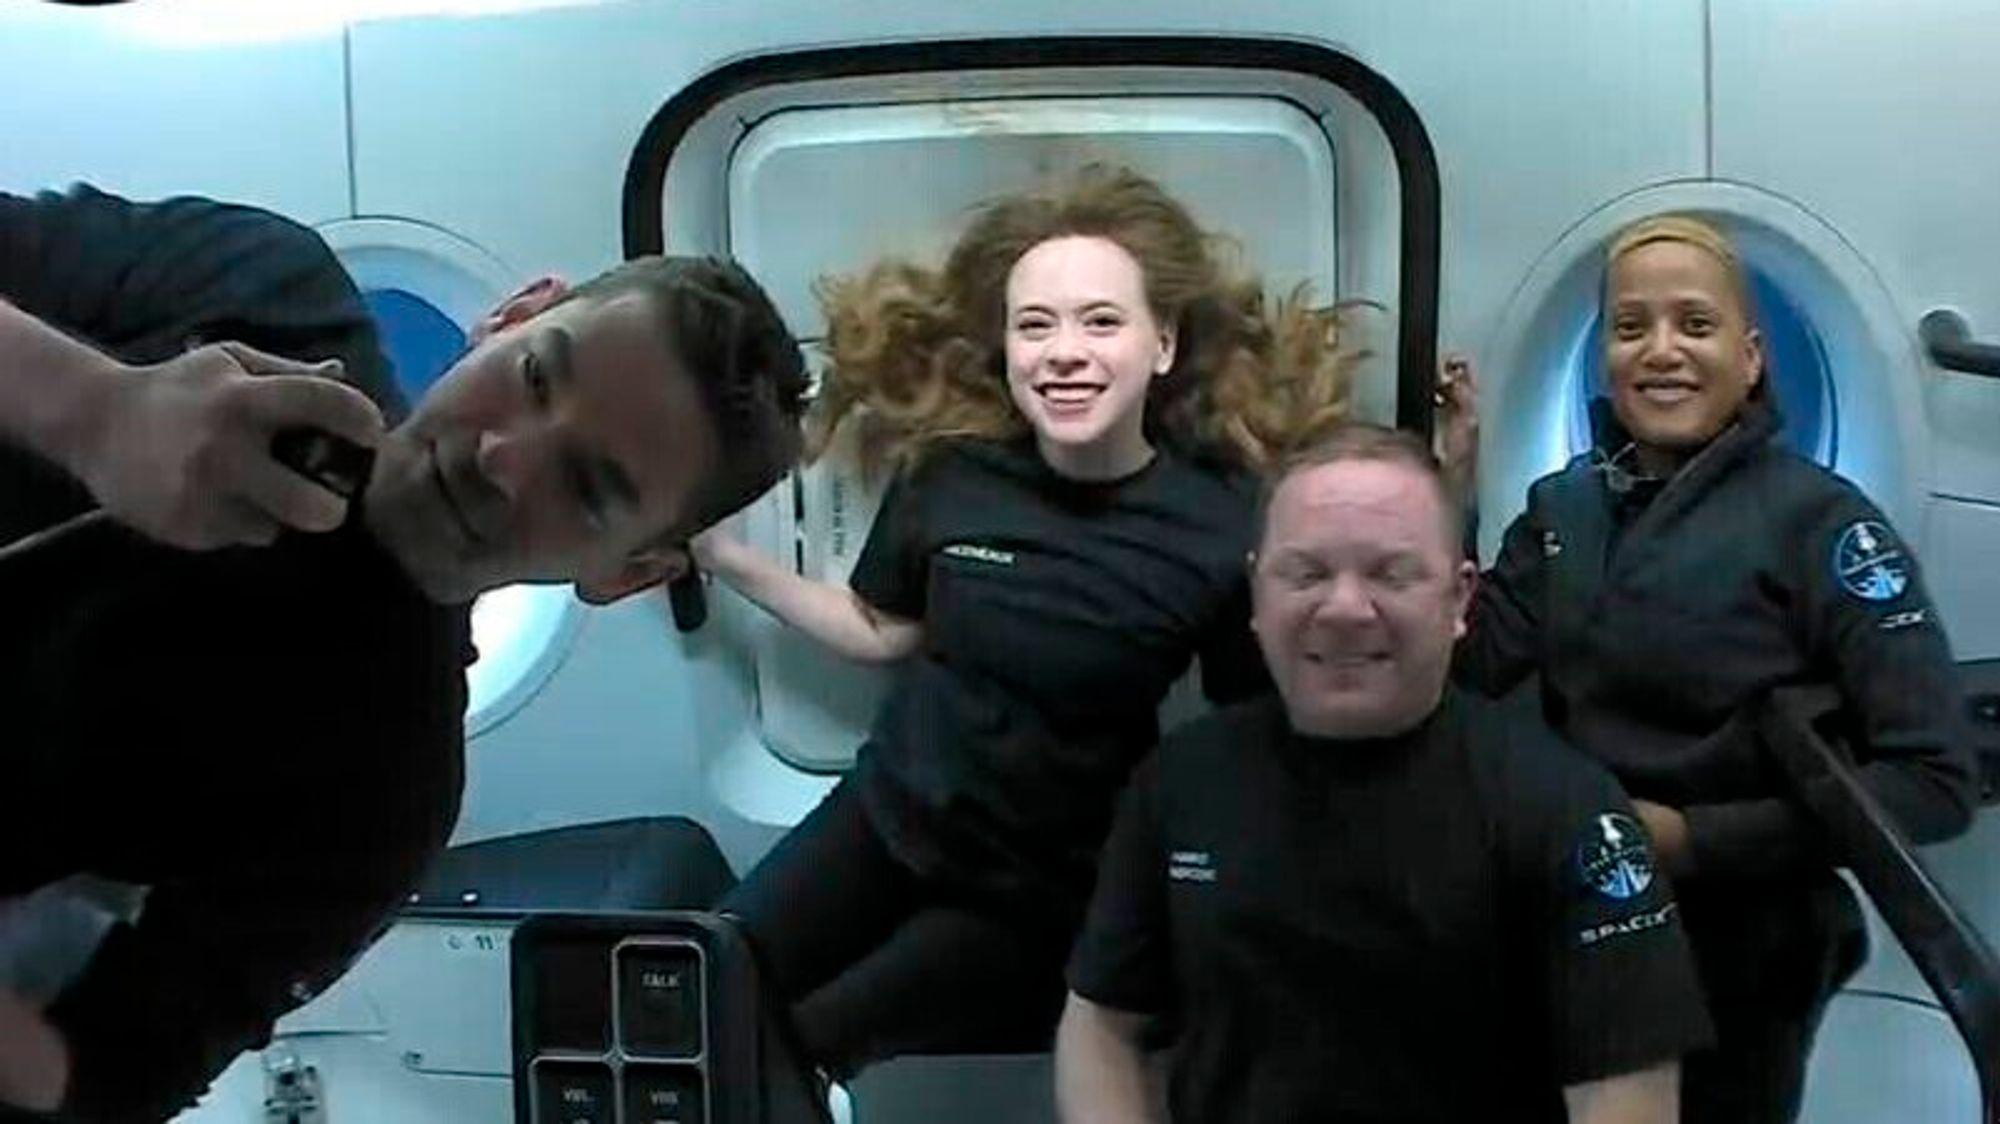 De historiske romturistene om bord i Dragon-kapselen. Fra venstre: Jared Isaacman, Hayley Arceneaux, Chris Sembroski og Sian Proctor.